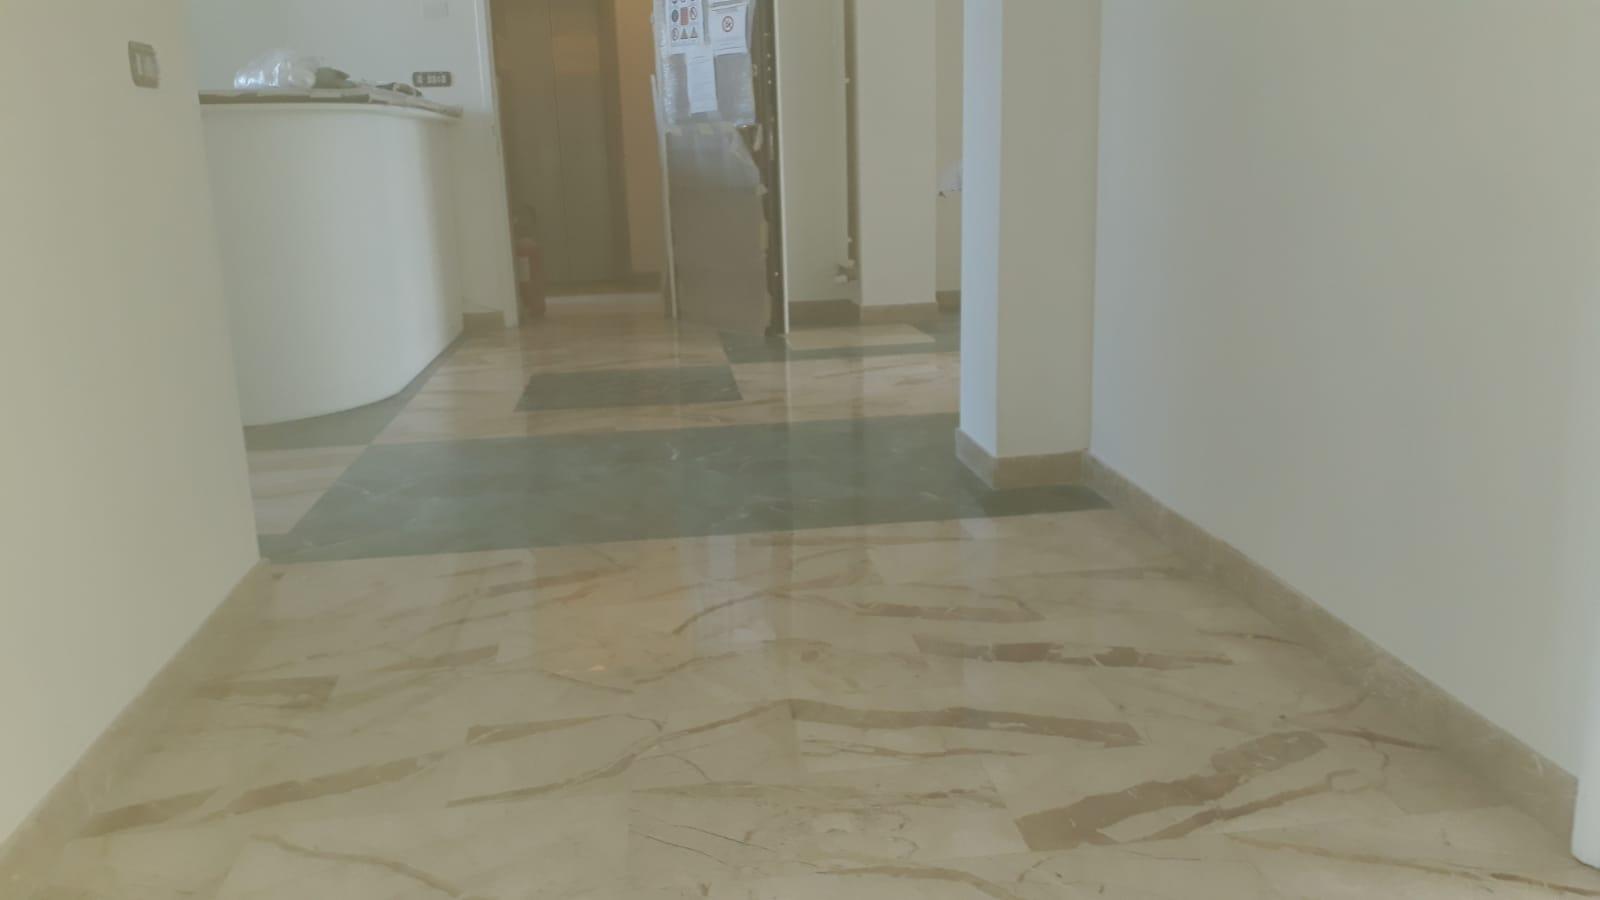 7. Finitura pavimento stanza ufficio in lastre di marmo rosa lamato e lucidato: lavori ultimati.